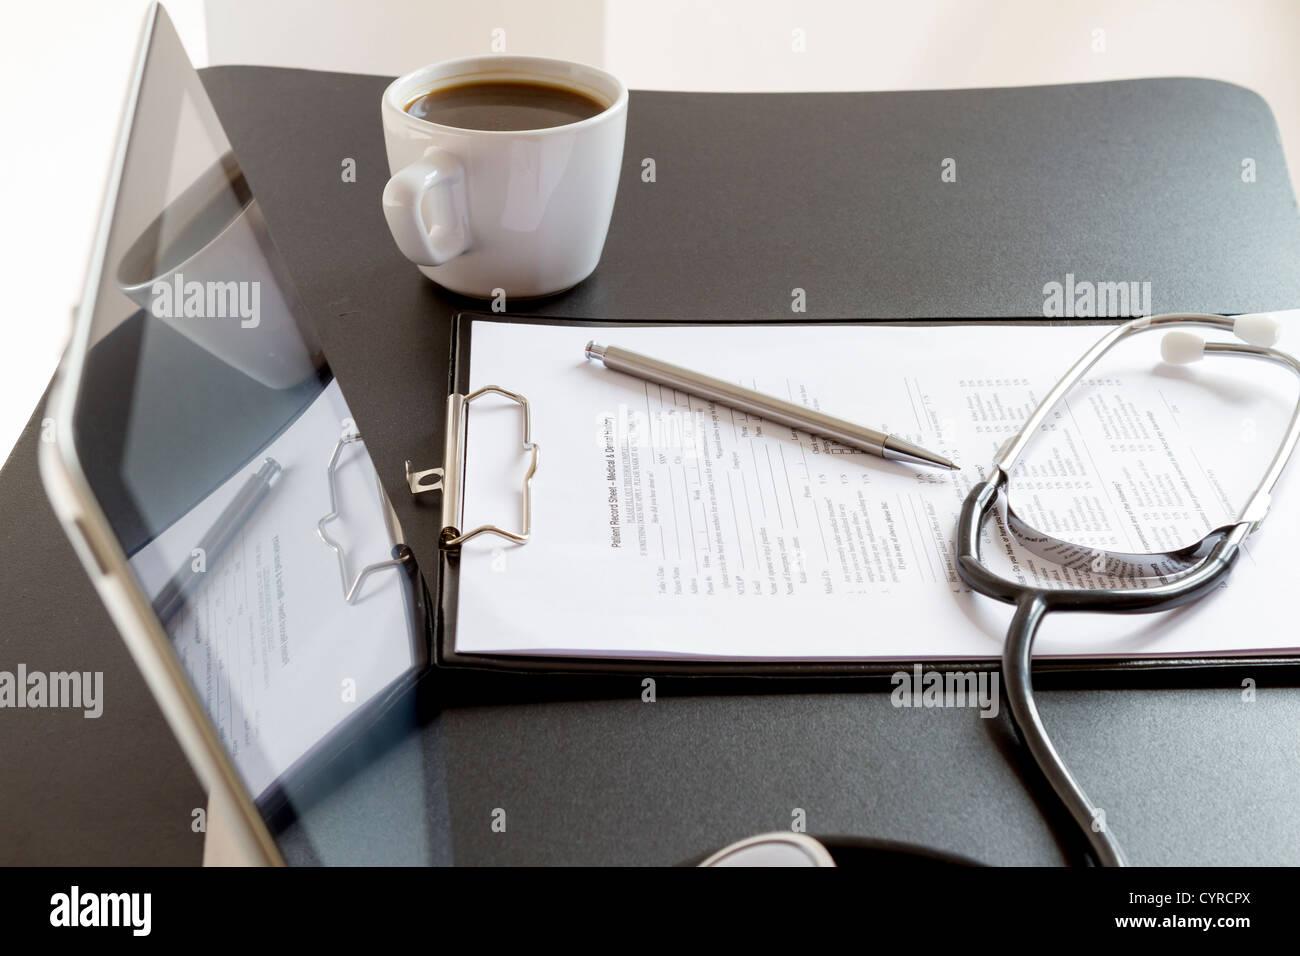 Formes de dossier médical, stéthoscope et Tablet PC sur le bureau Photo Stock